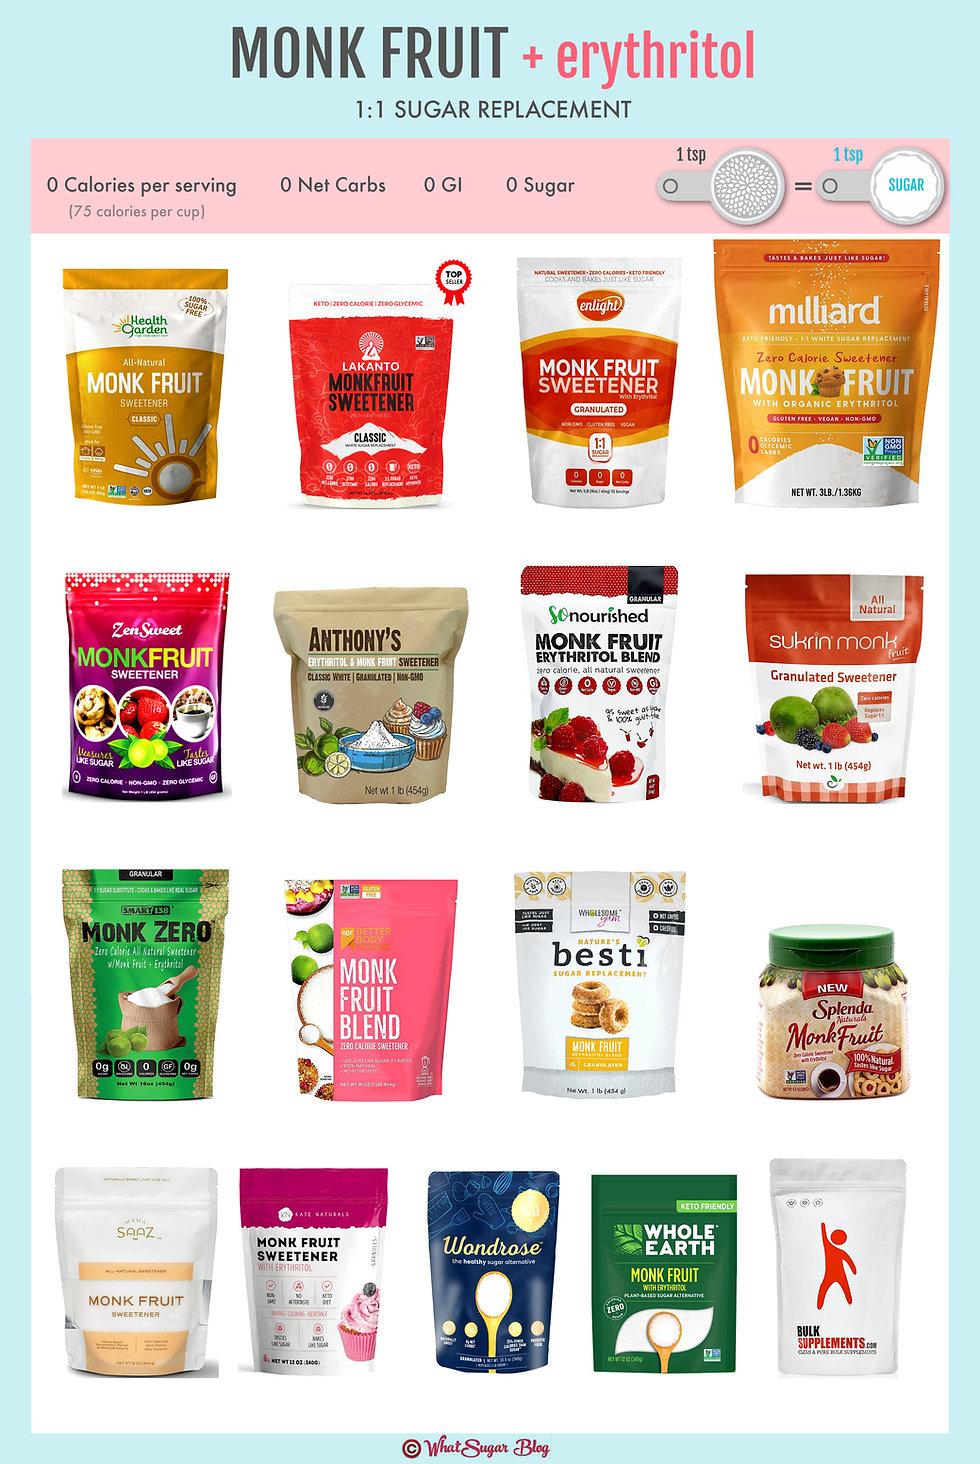 List of Monk Fruit Brand Names